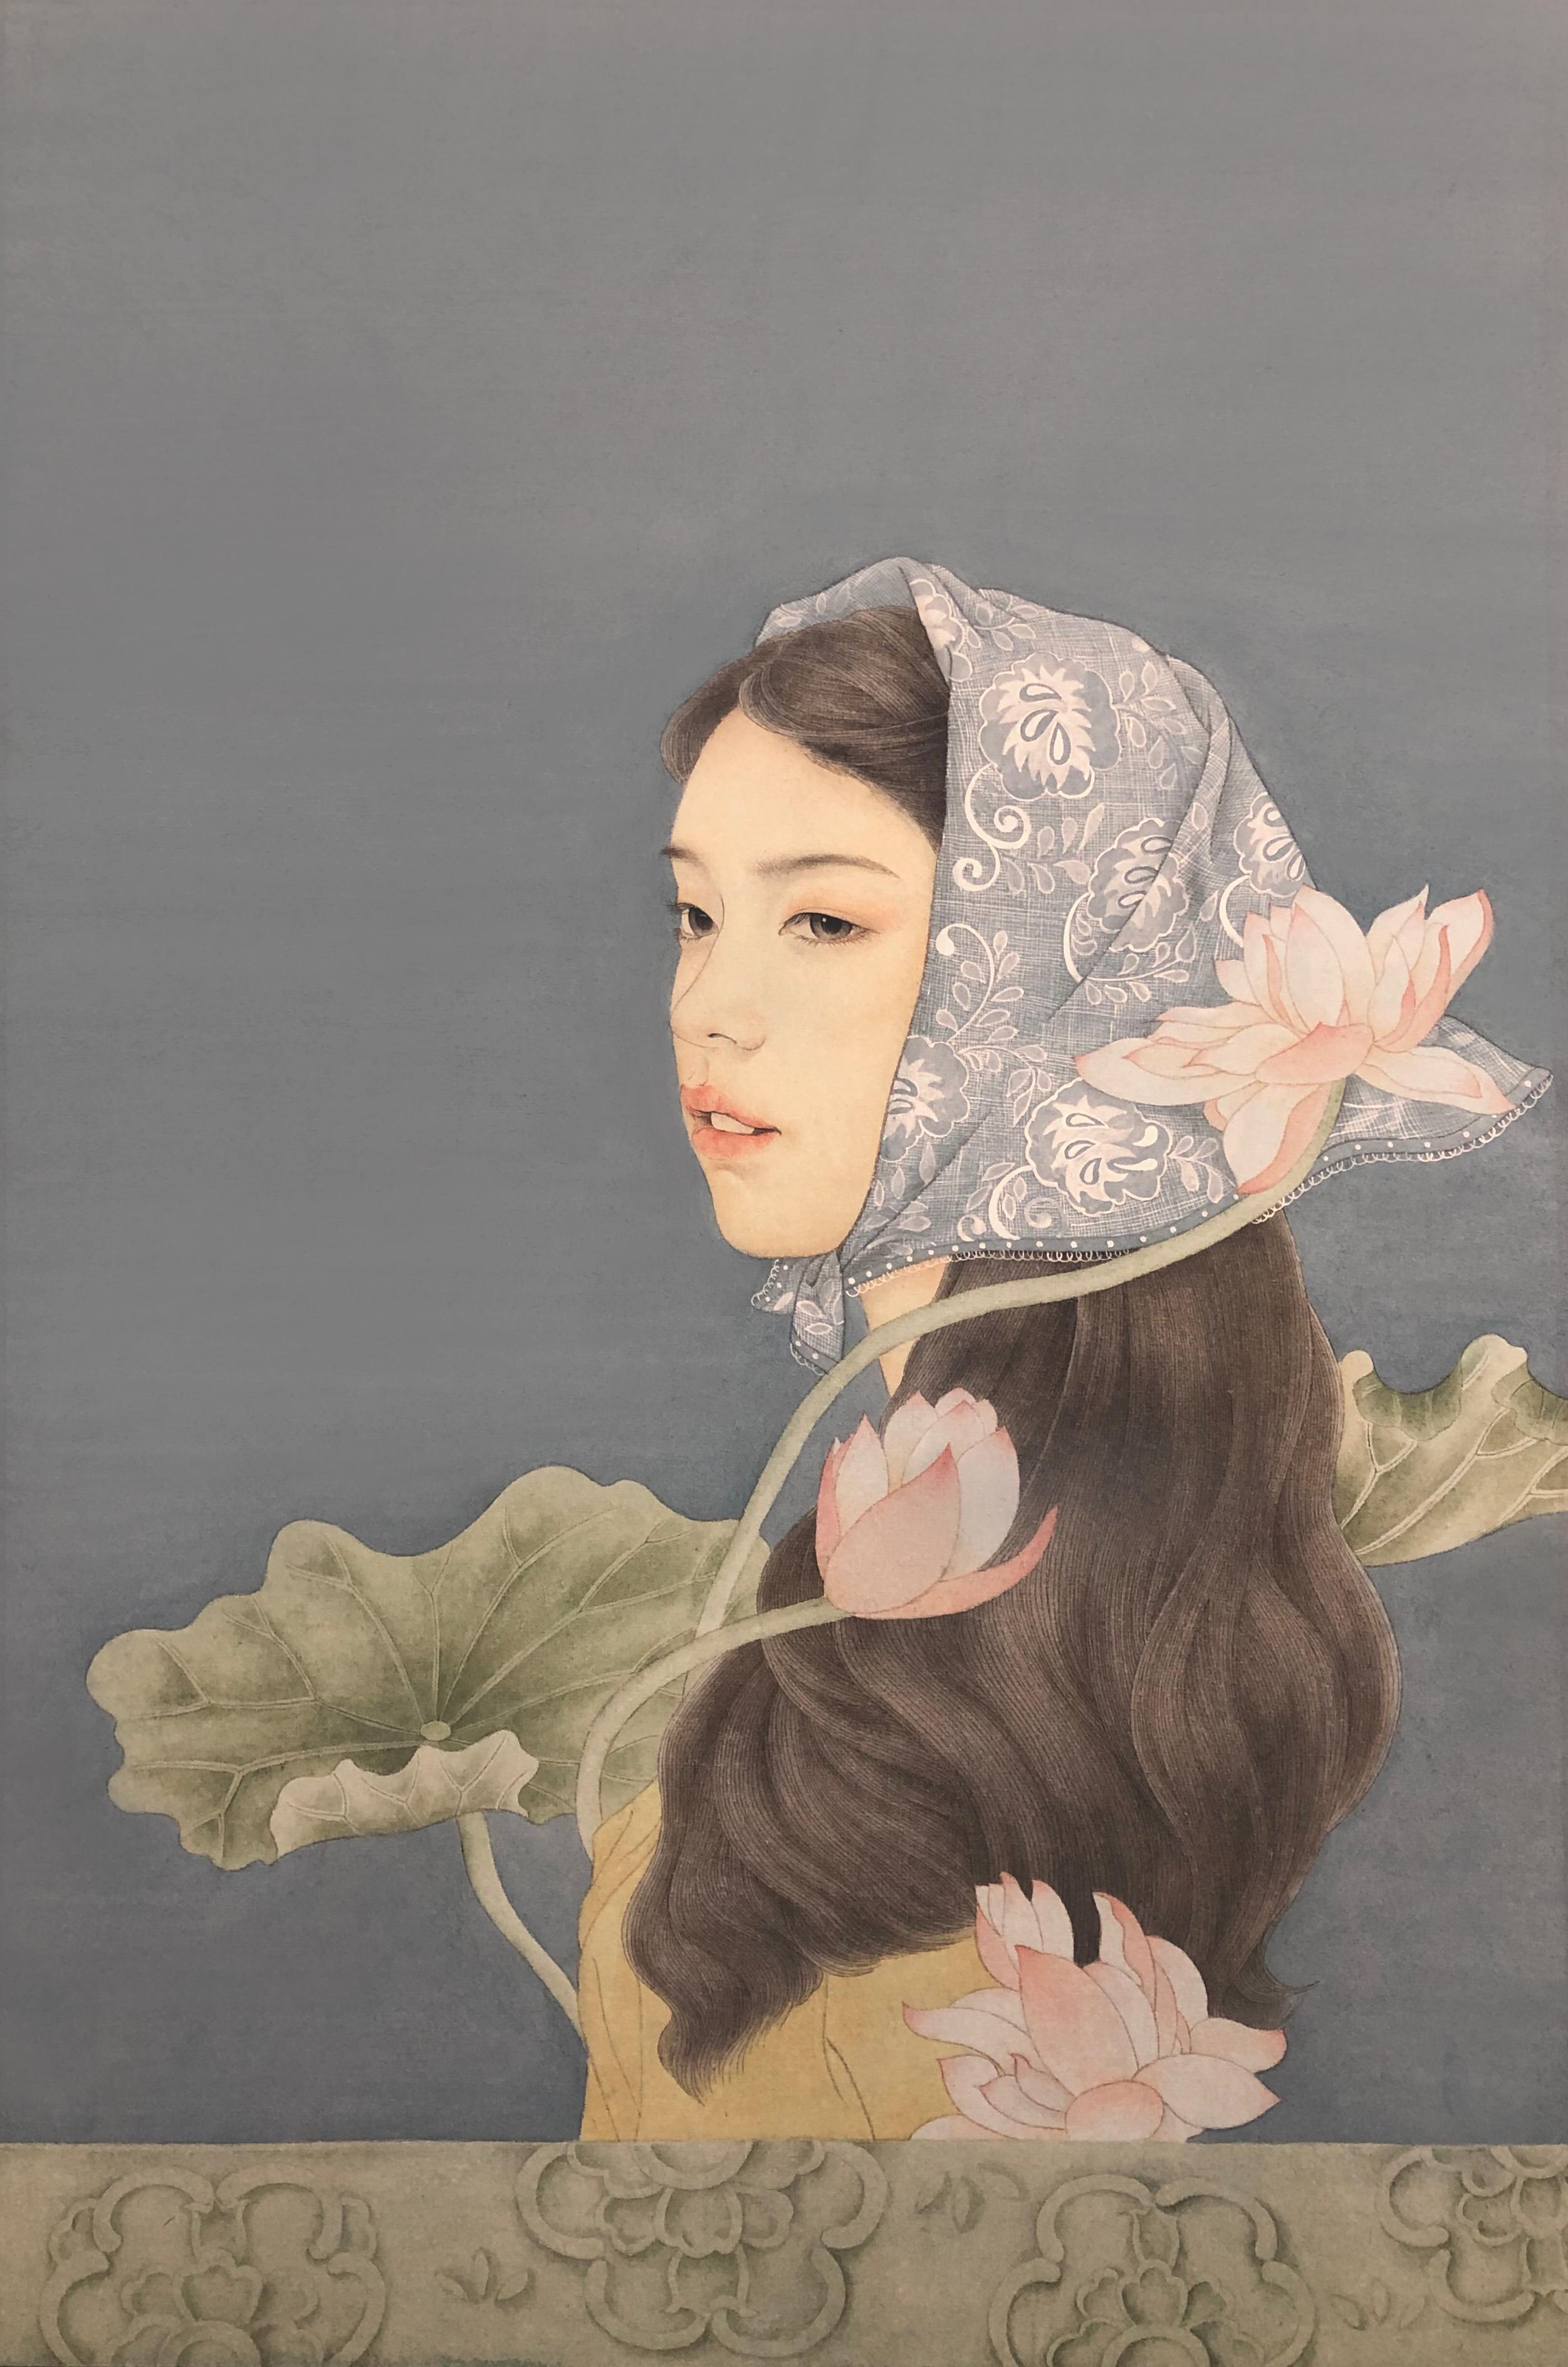 《寻花记》The Flower Seeking Tale